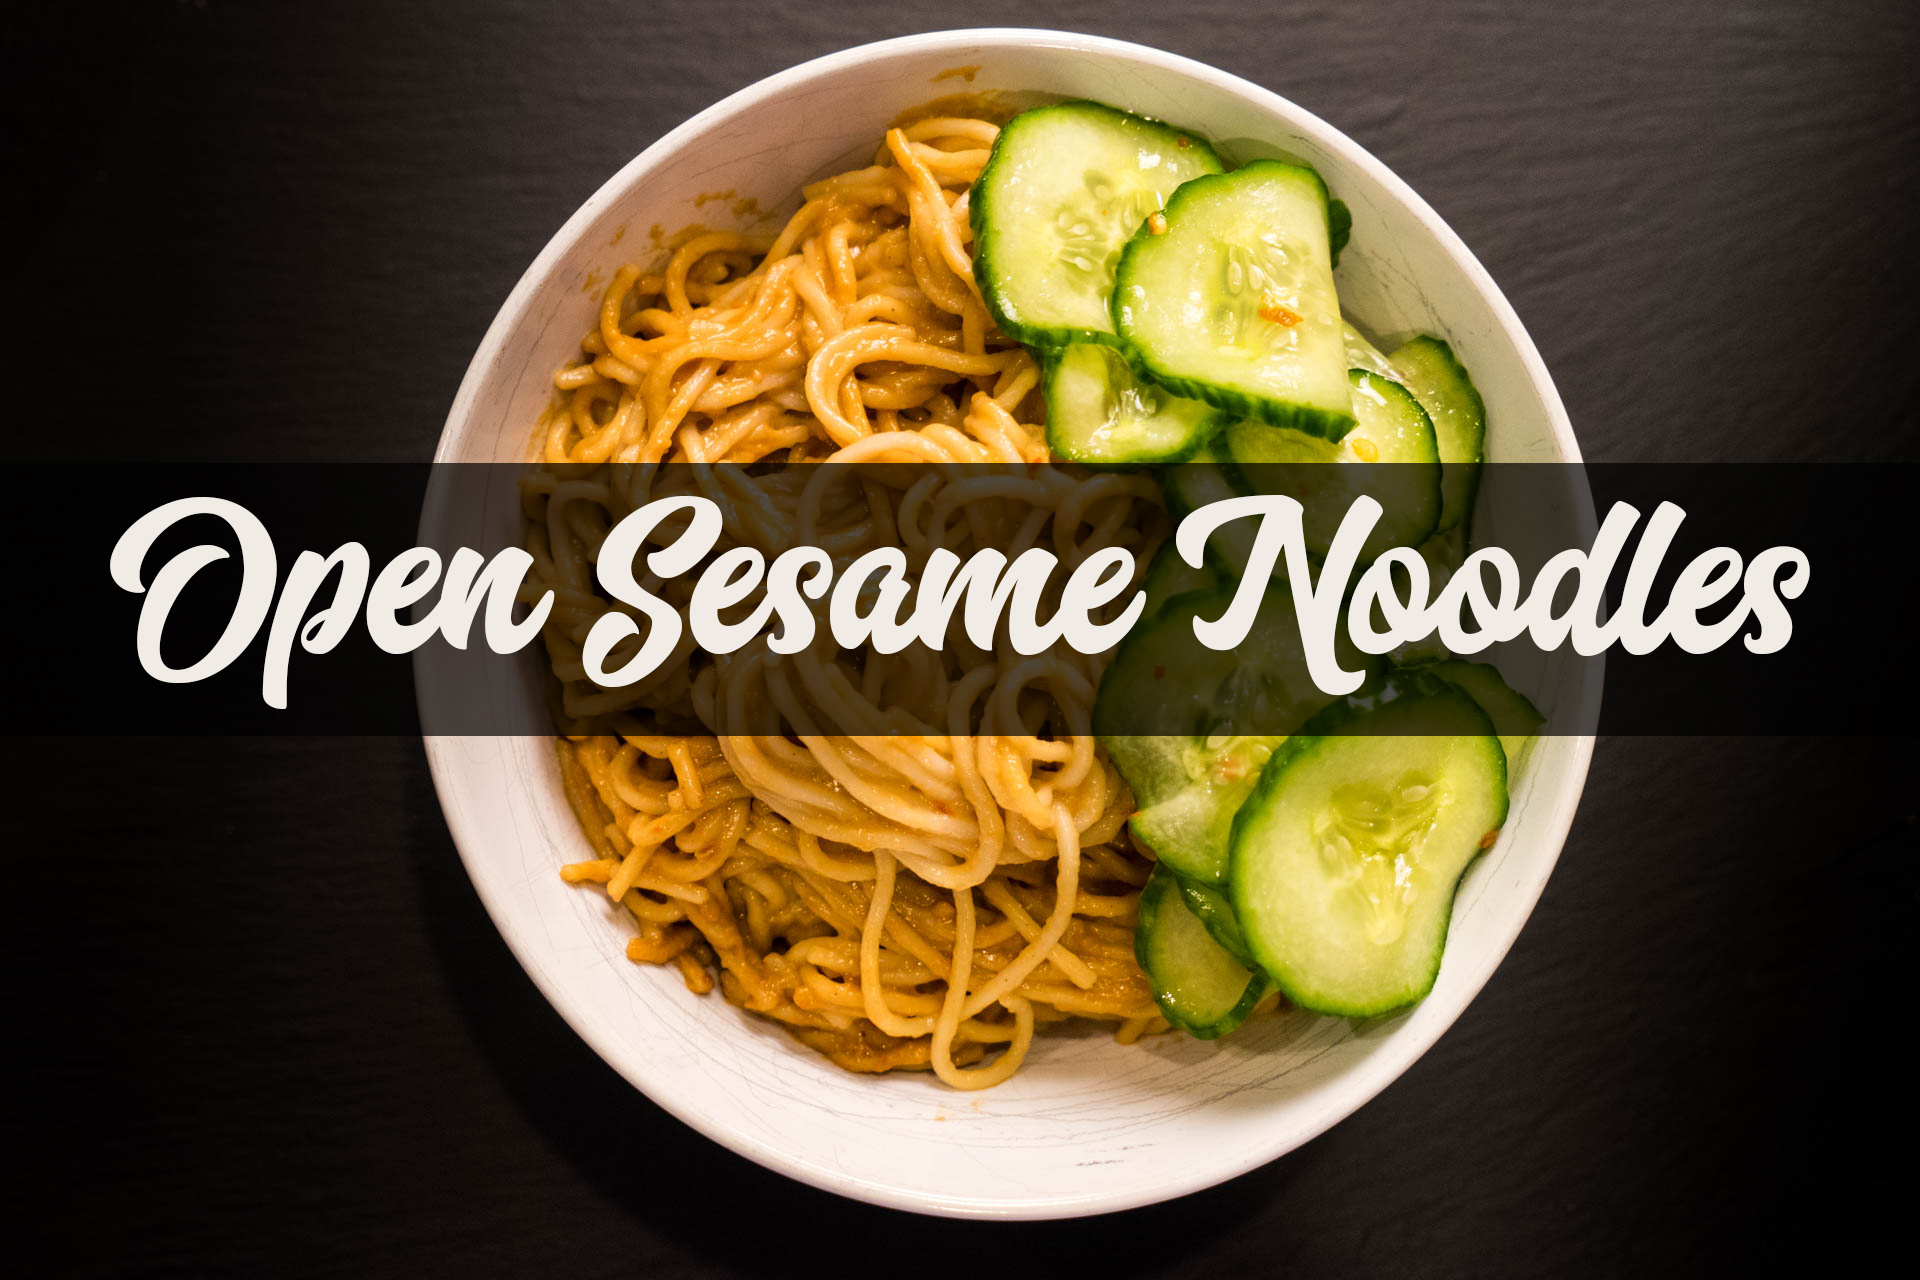 Open Sesame Noodles